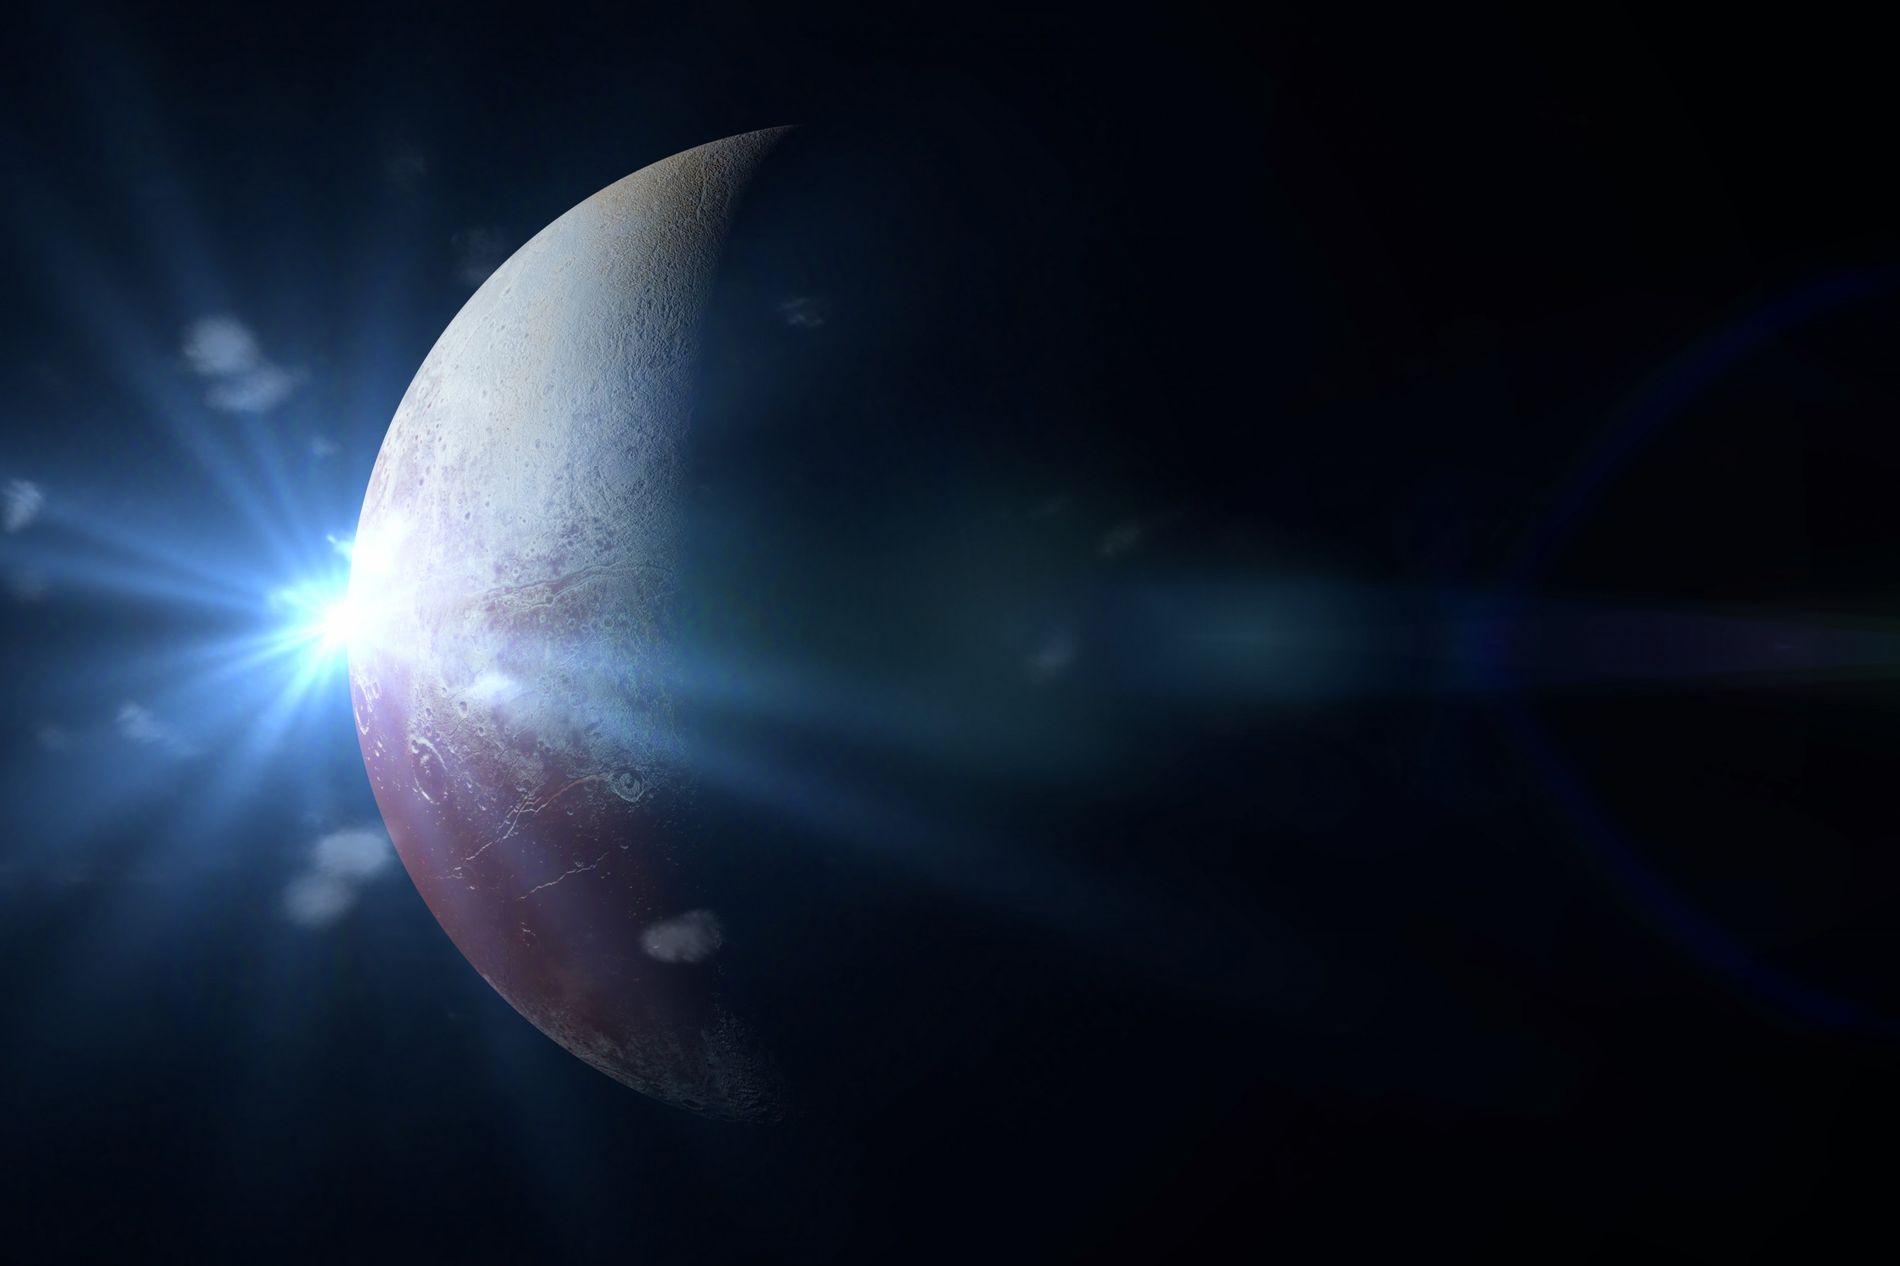 Le manque de source de chaleur interne de Pluton aurait dû geler toute l'eau liquide présente ...